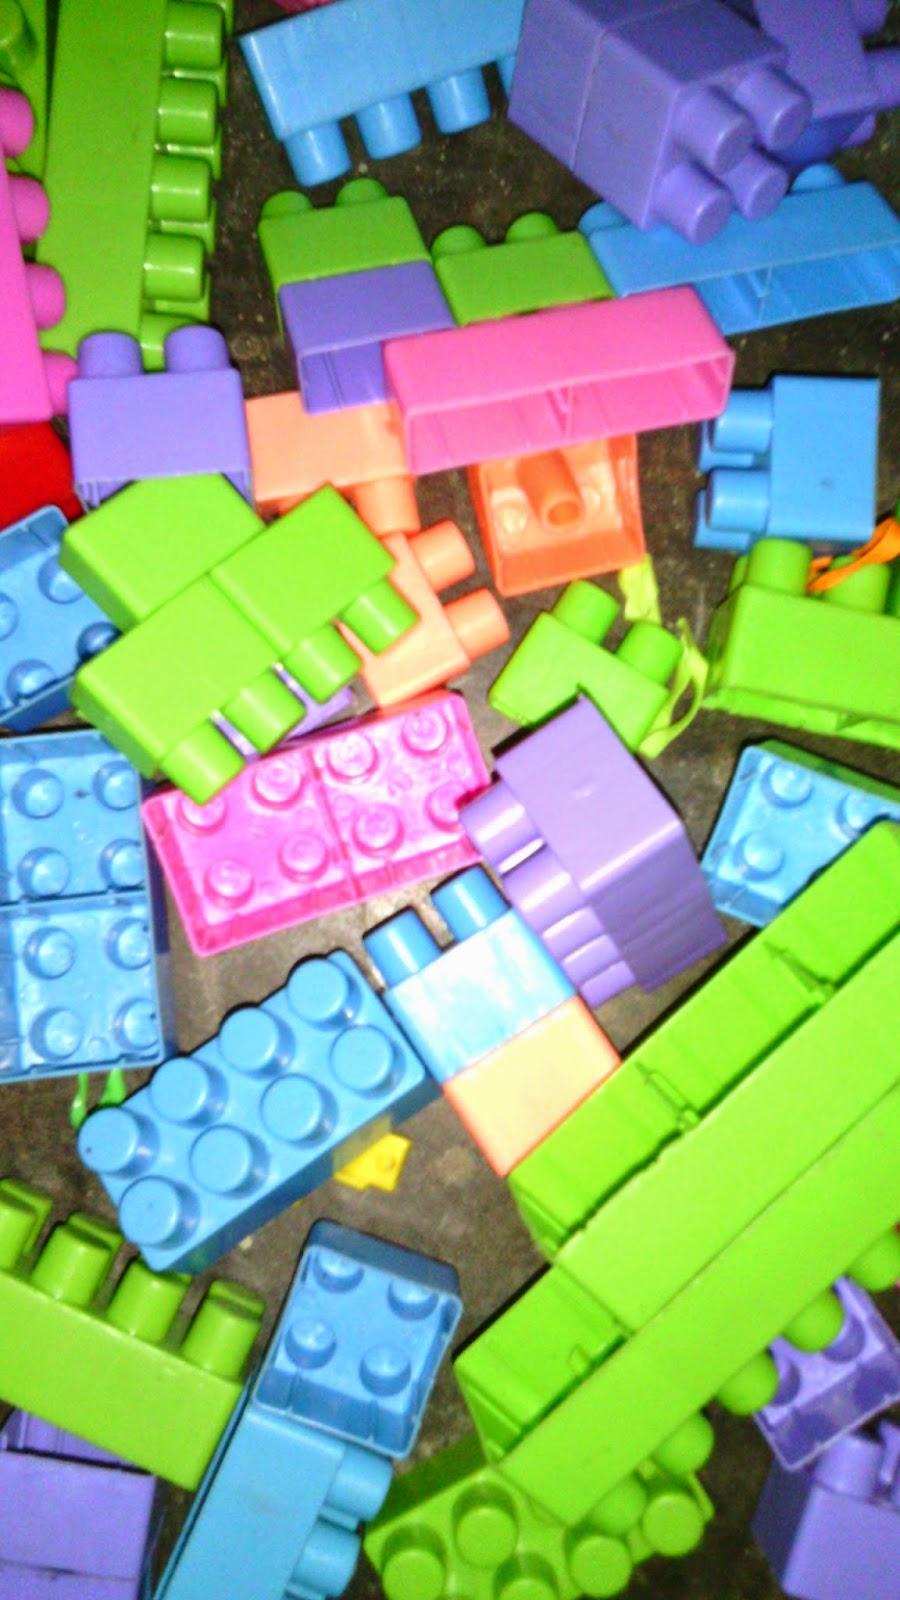 Memperkenalkan Matematika Menjadi Lebih Mudah Dengan Lego